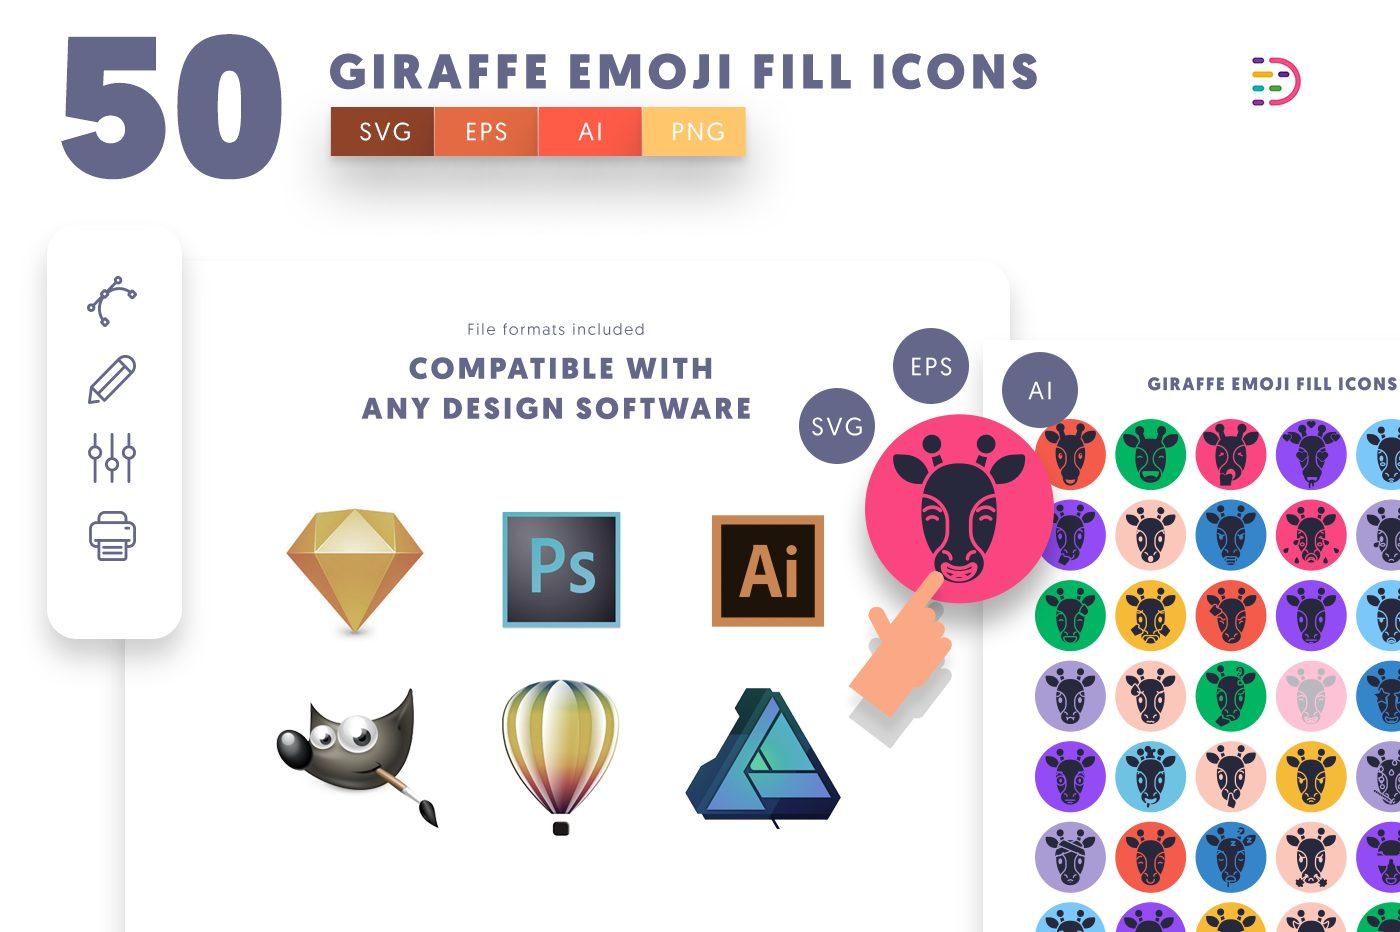 full vector 50 Giraffe Emoji Fill Icons EPS, SVG, PNG